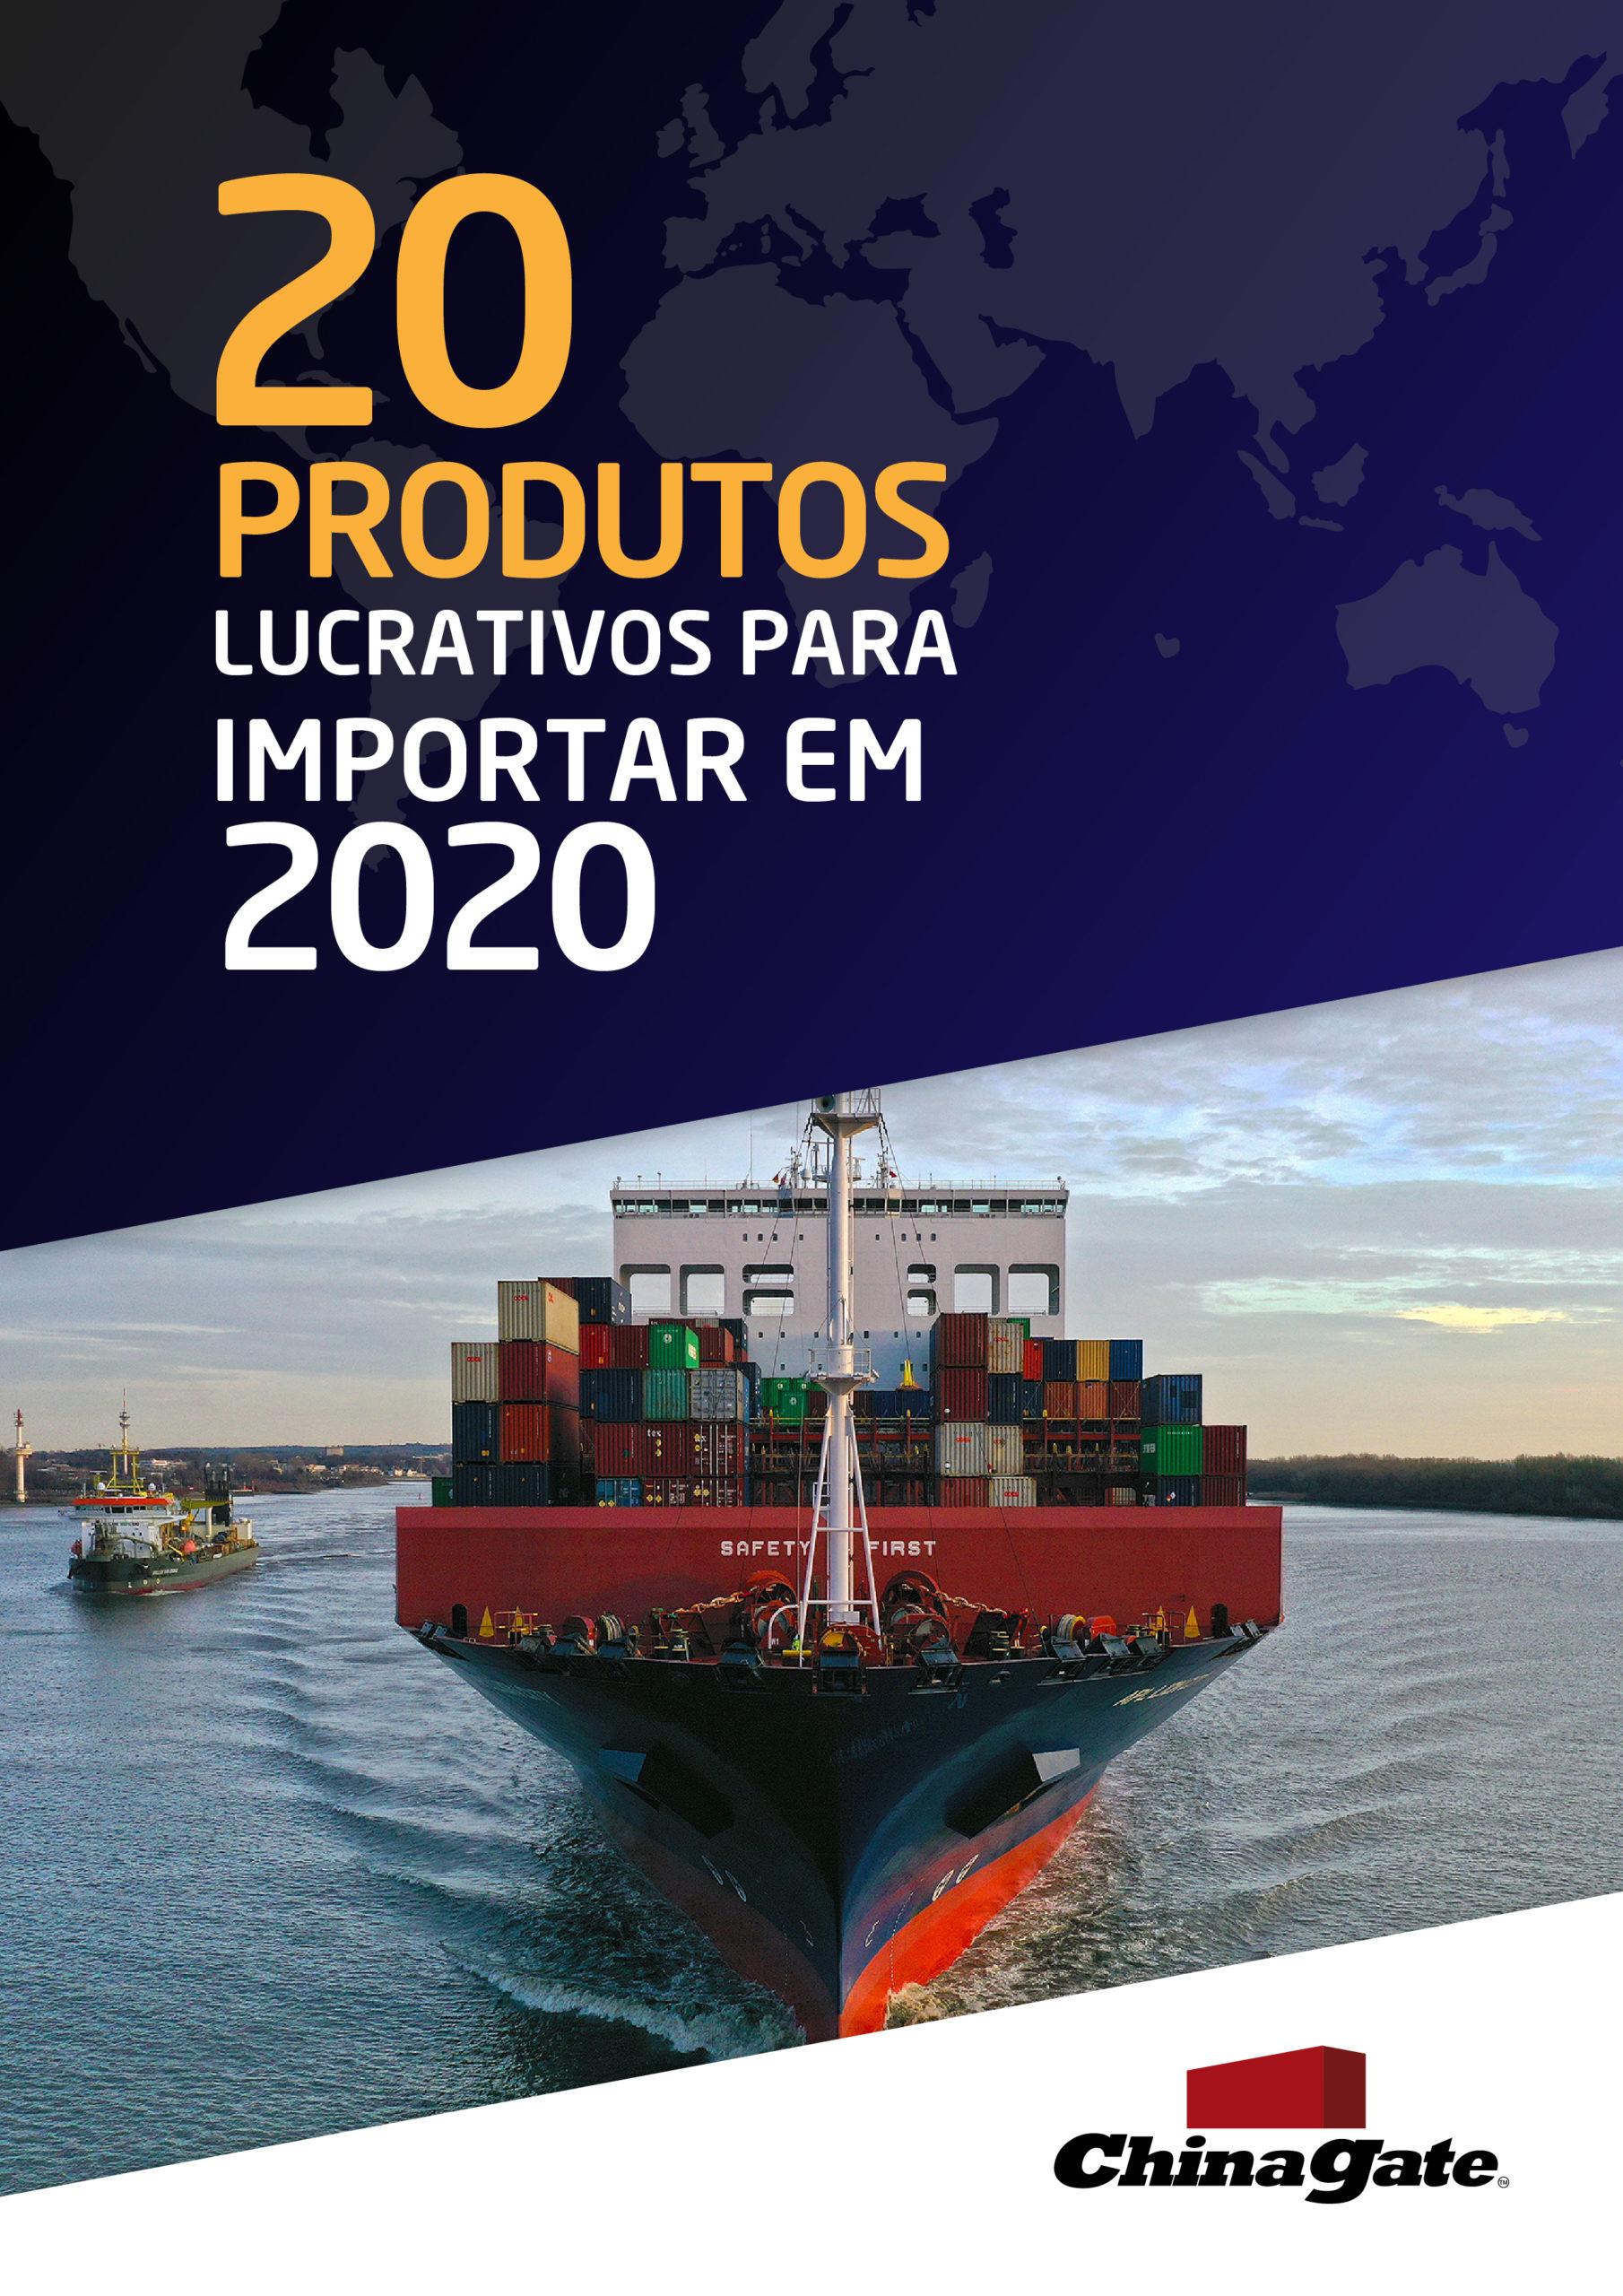 20 produtos lucrativos para importar em 2020